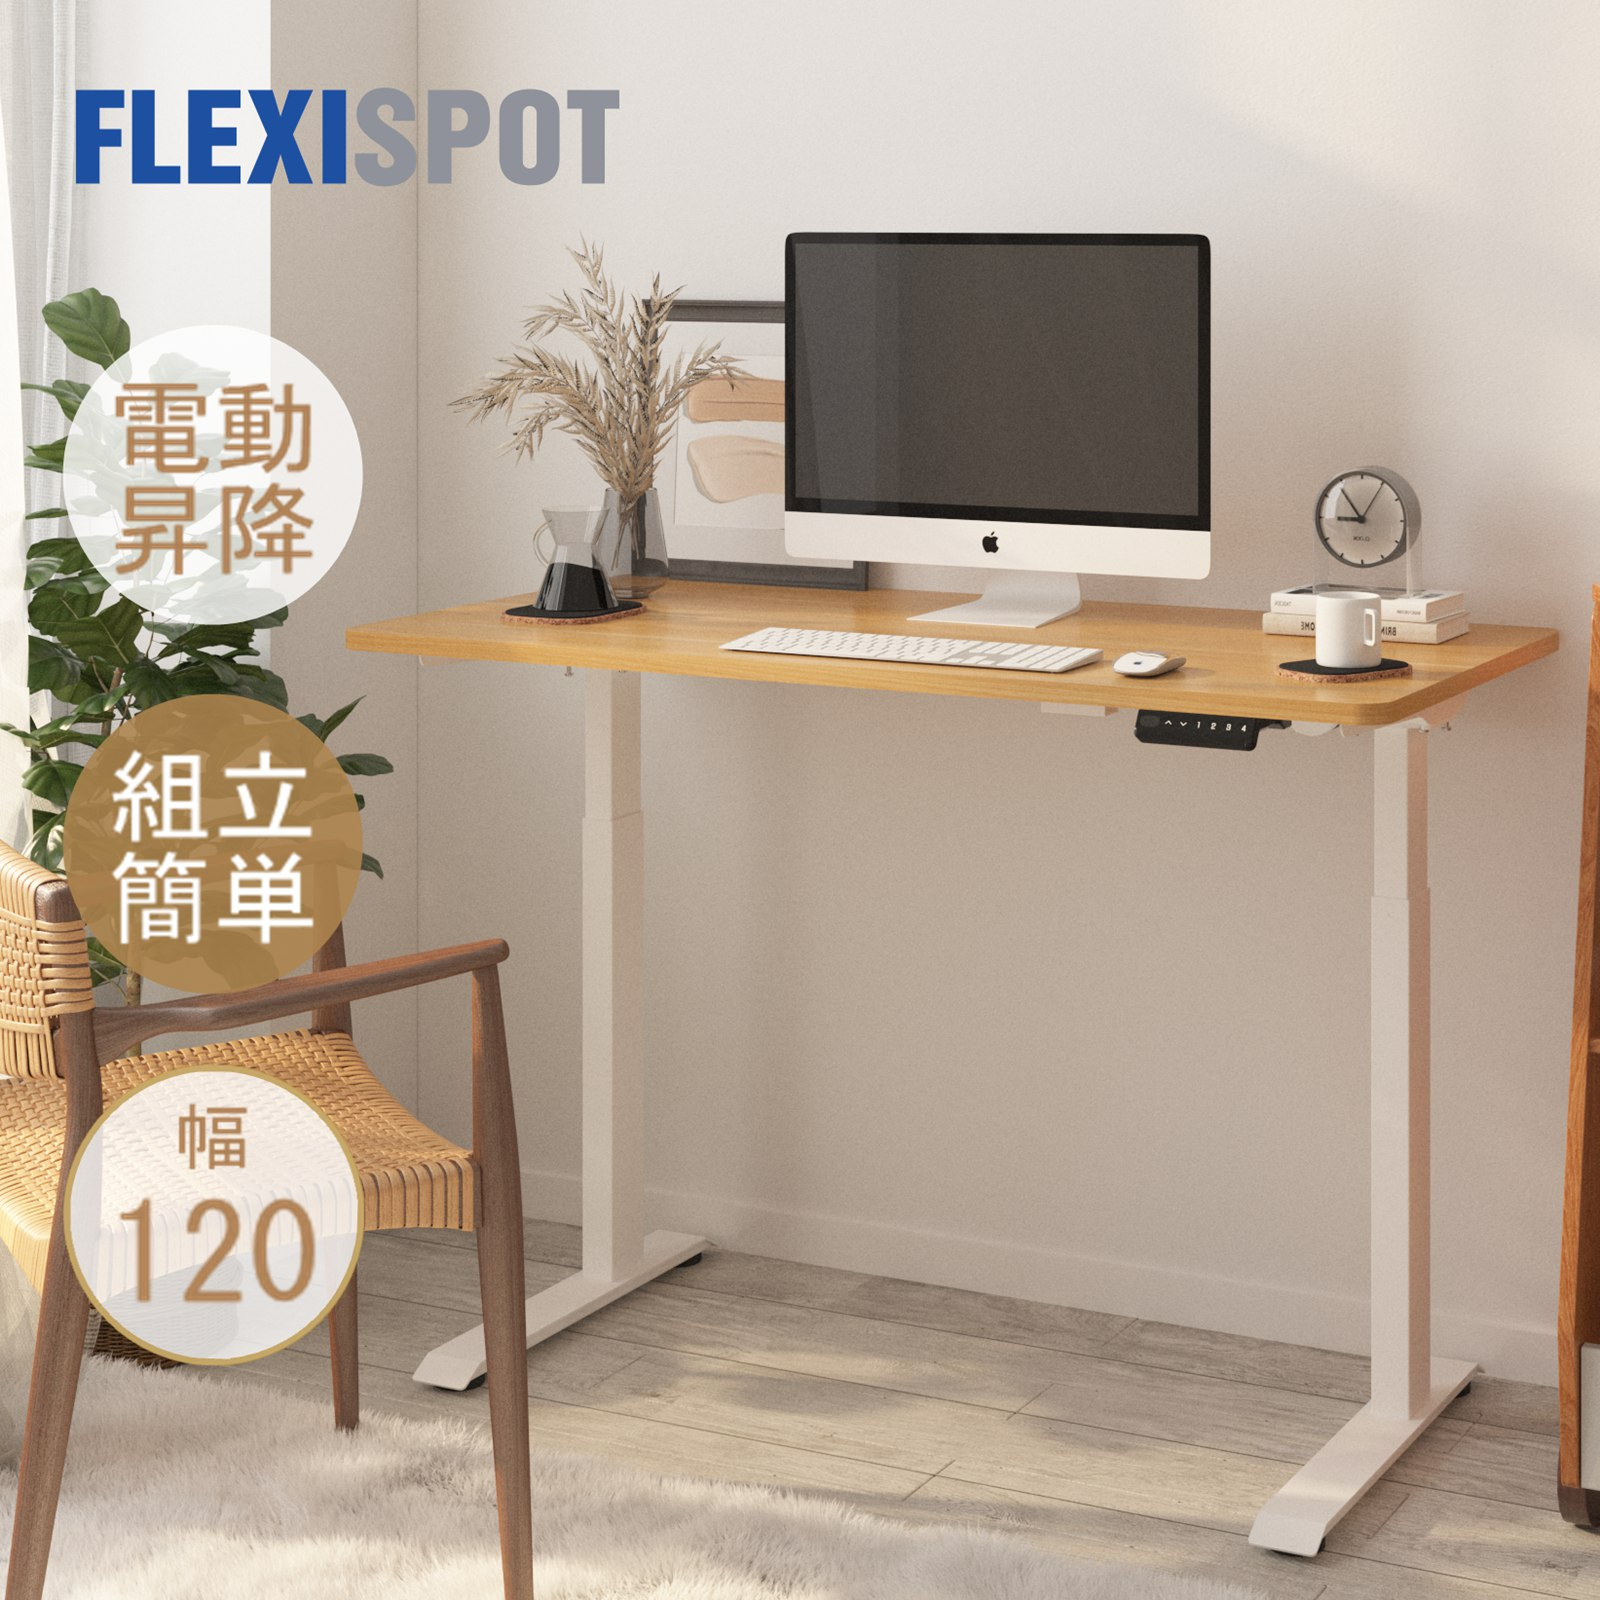 15分ぐらい組立できる昇降デスク スタンディングデスク 全店販売中 昇降デスク 新品 組立簡単 FlexiSpot E9 フレキシスポット 電動 オフィスデスク 作業台 幅120cm 昇降テーブル デスク 机 昇降 パソコンデスク 電動式 高さ調節